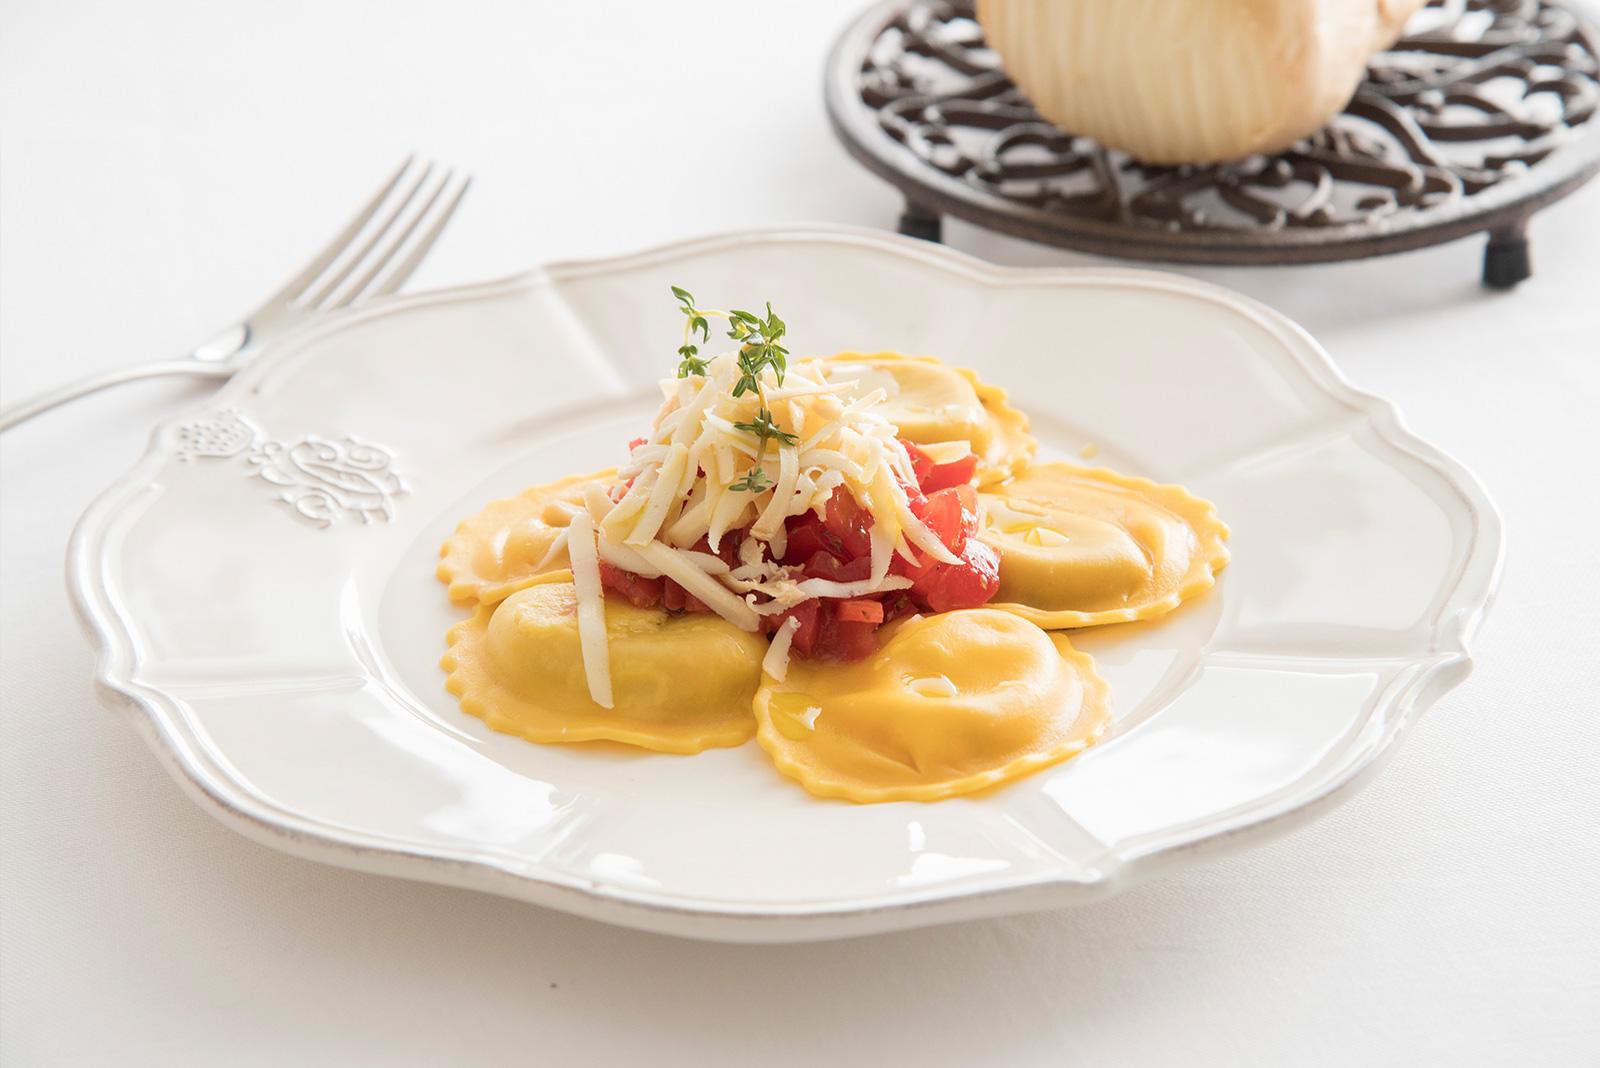 Ricetta Girasole Senza Glutine alla pizzaiola con cubettata di pomodorino aromatizzato al basilico, provola affumicata ed origano